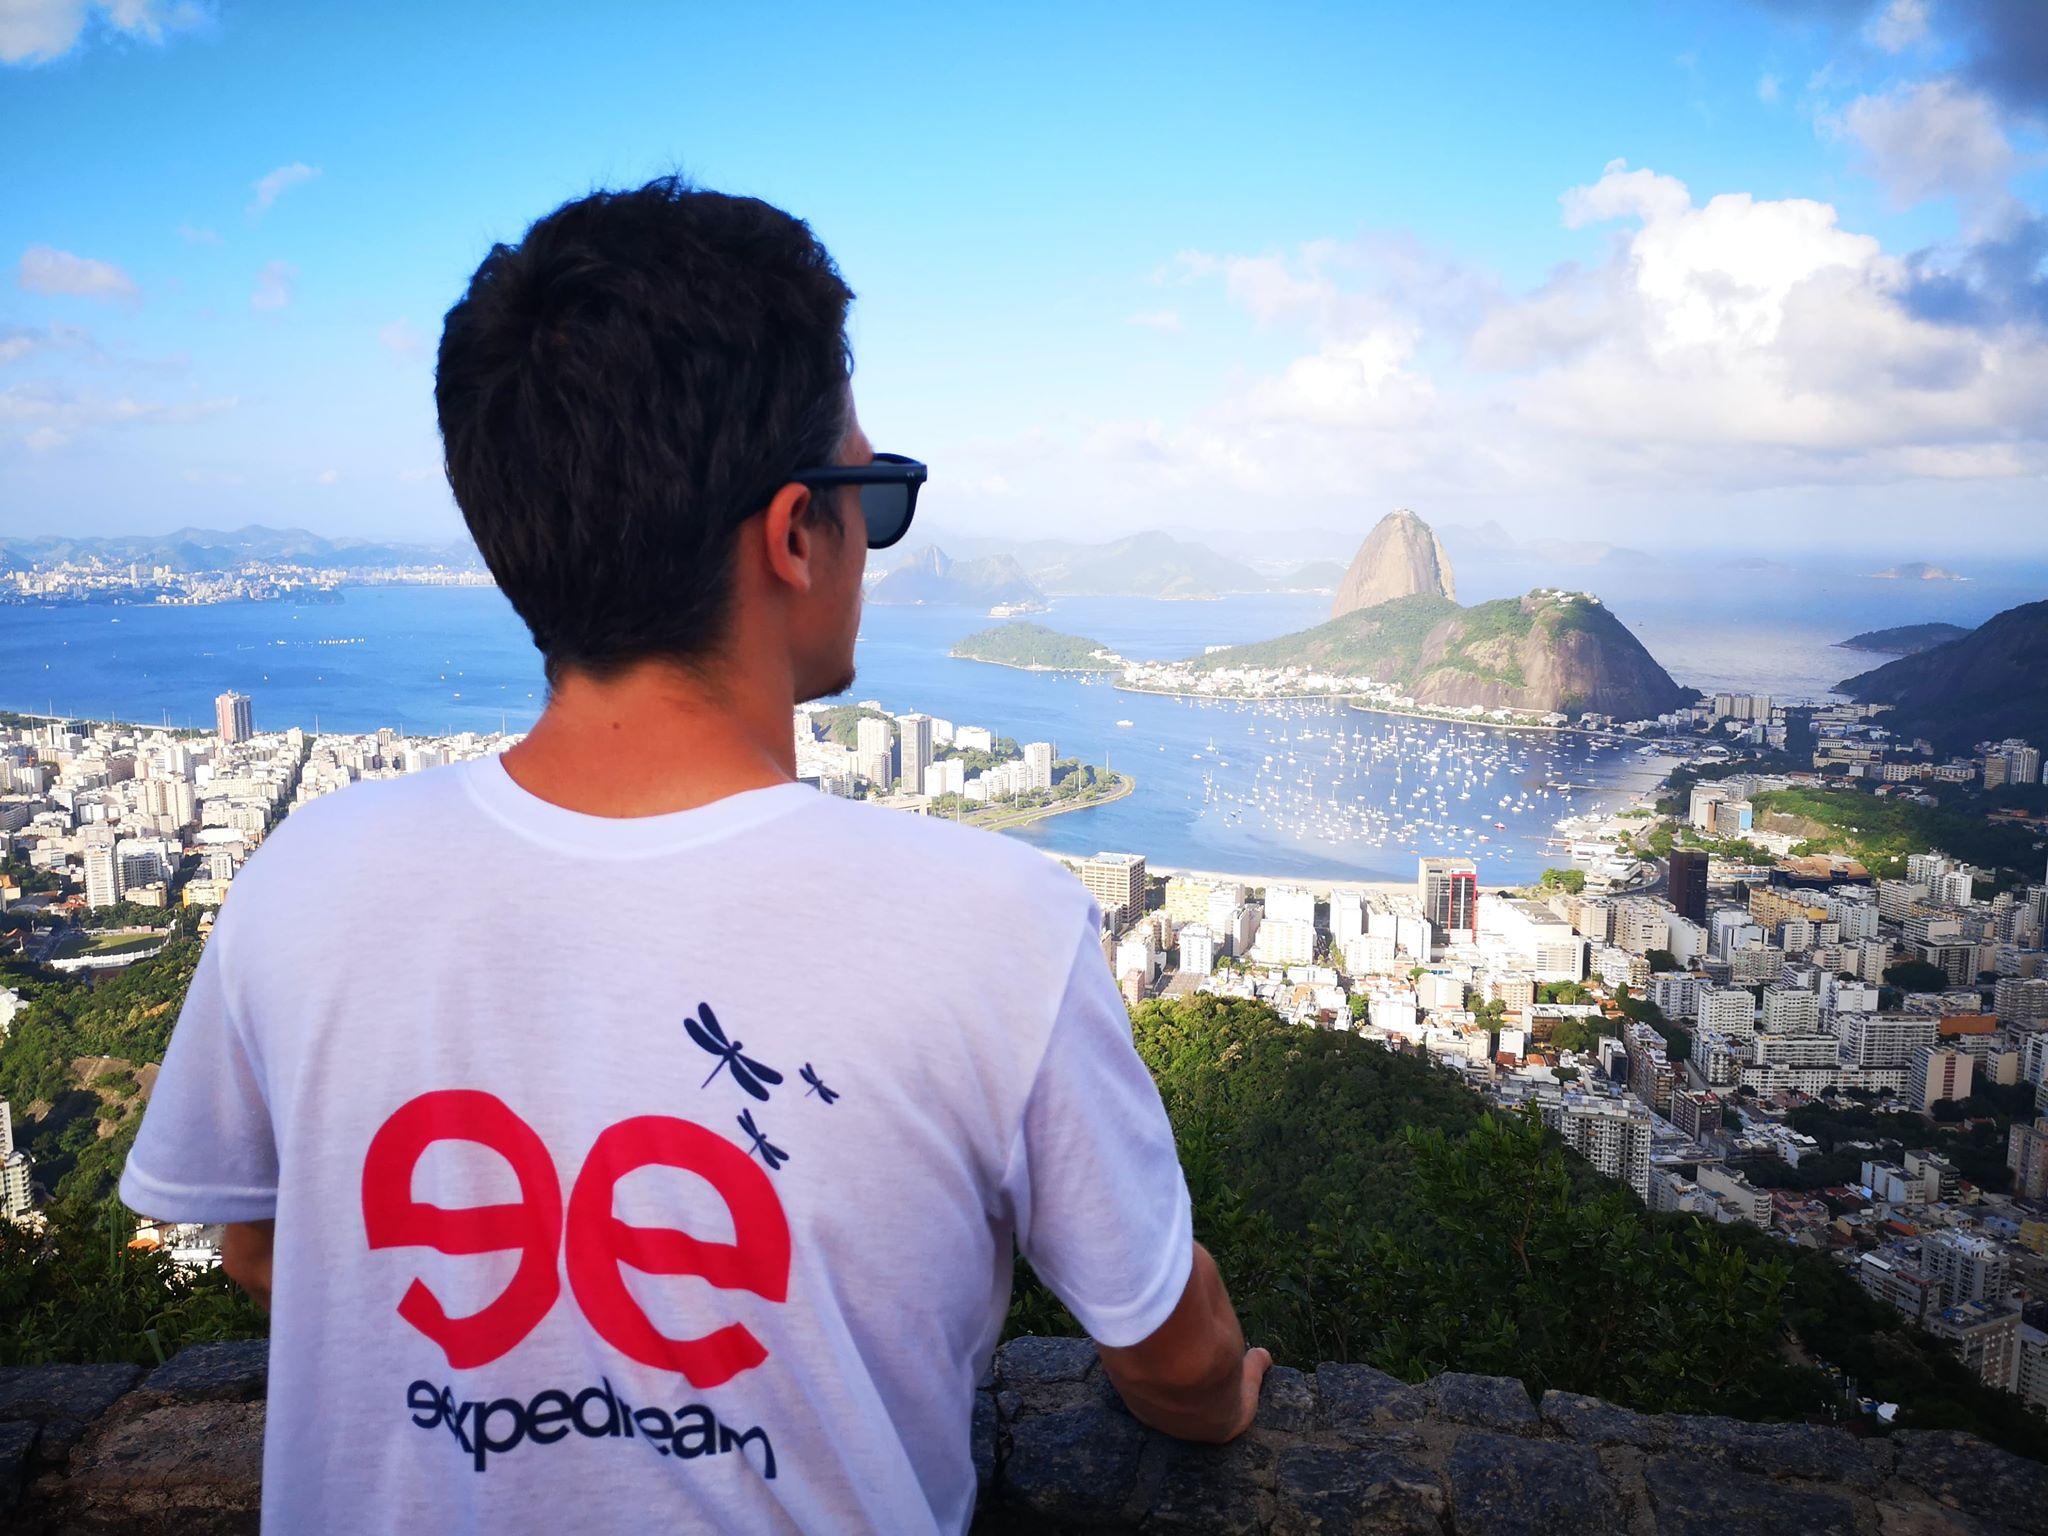 Découvrez la vue imprenable sur la baie de Rio